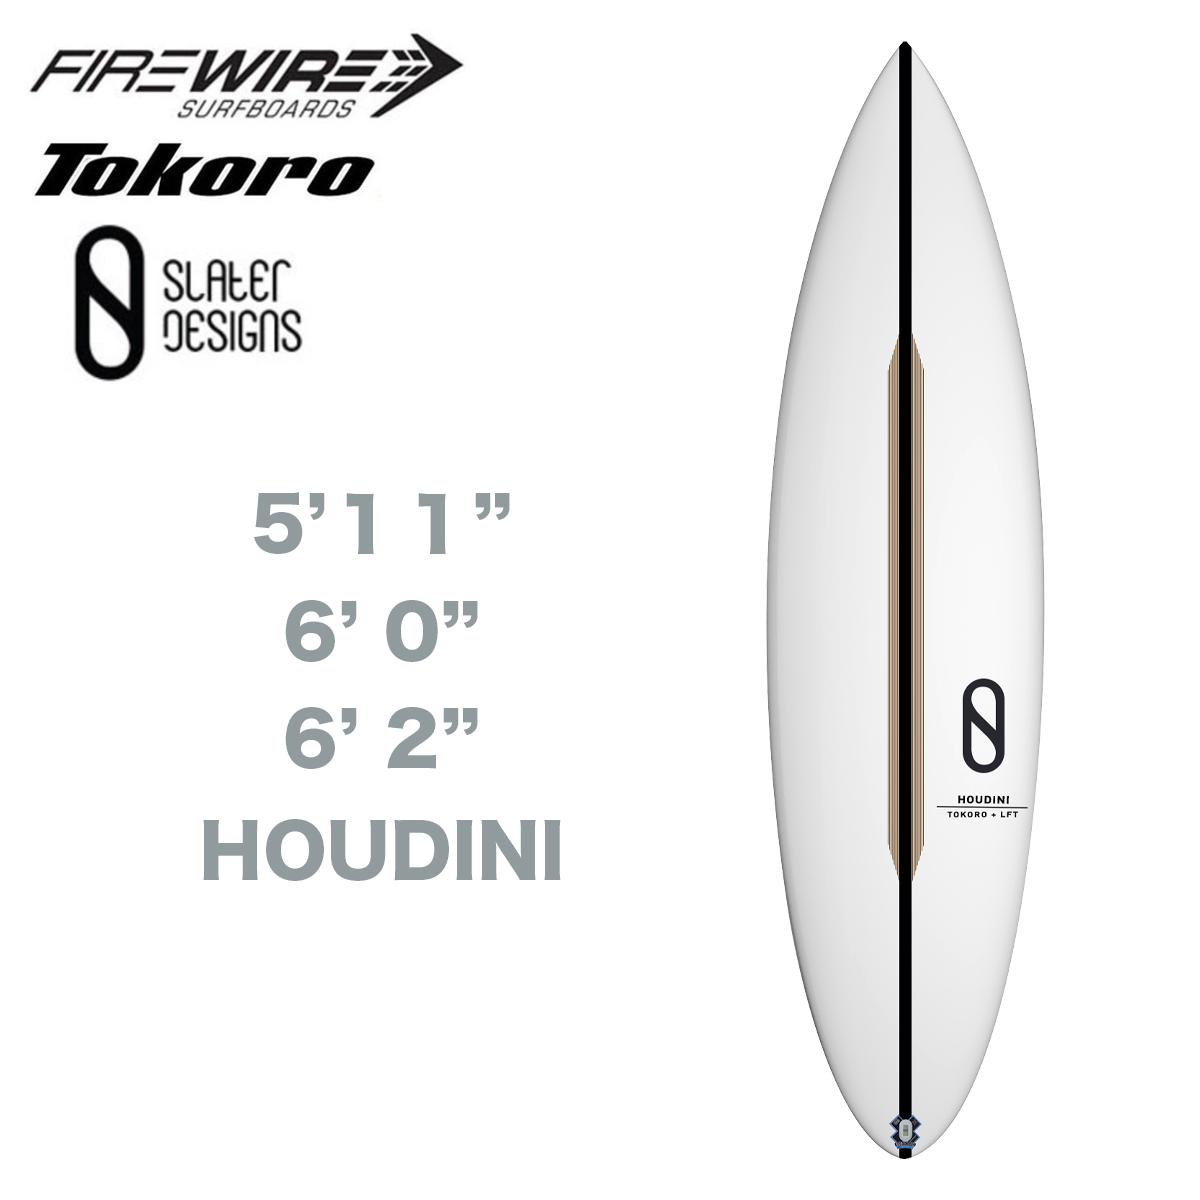 ファイヤーワイヤー サーフボード FIREWIRE SURFBORDS HOUDINI SLATER DESIGNS WADE TOKORO フーディーニー ウェイド トコロ Kelly Slater ケリー・スレーター デザイン ショートボード